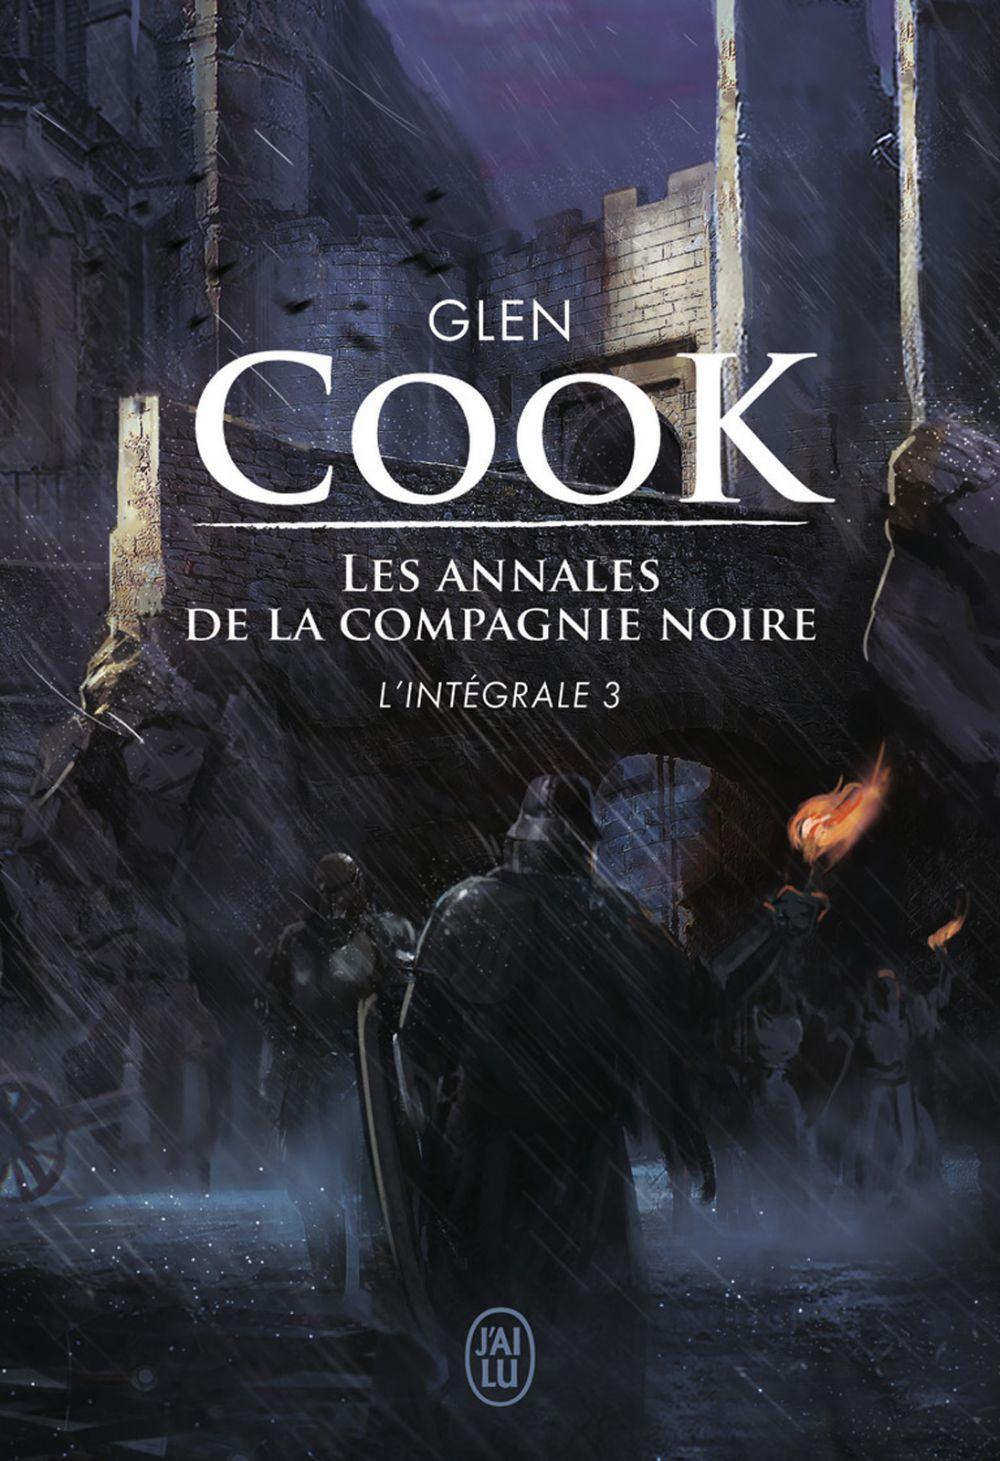 Les annales de la Compagnie noire - L'Intégrale 3 (Tomes 7 et 8) | Cook, Glen